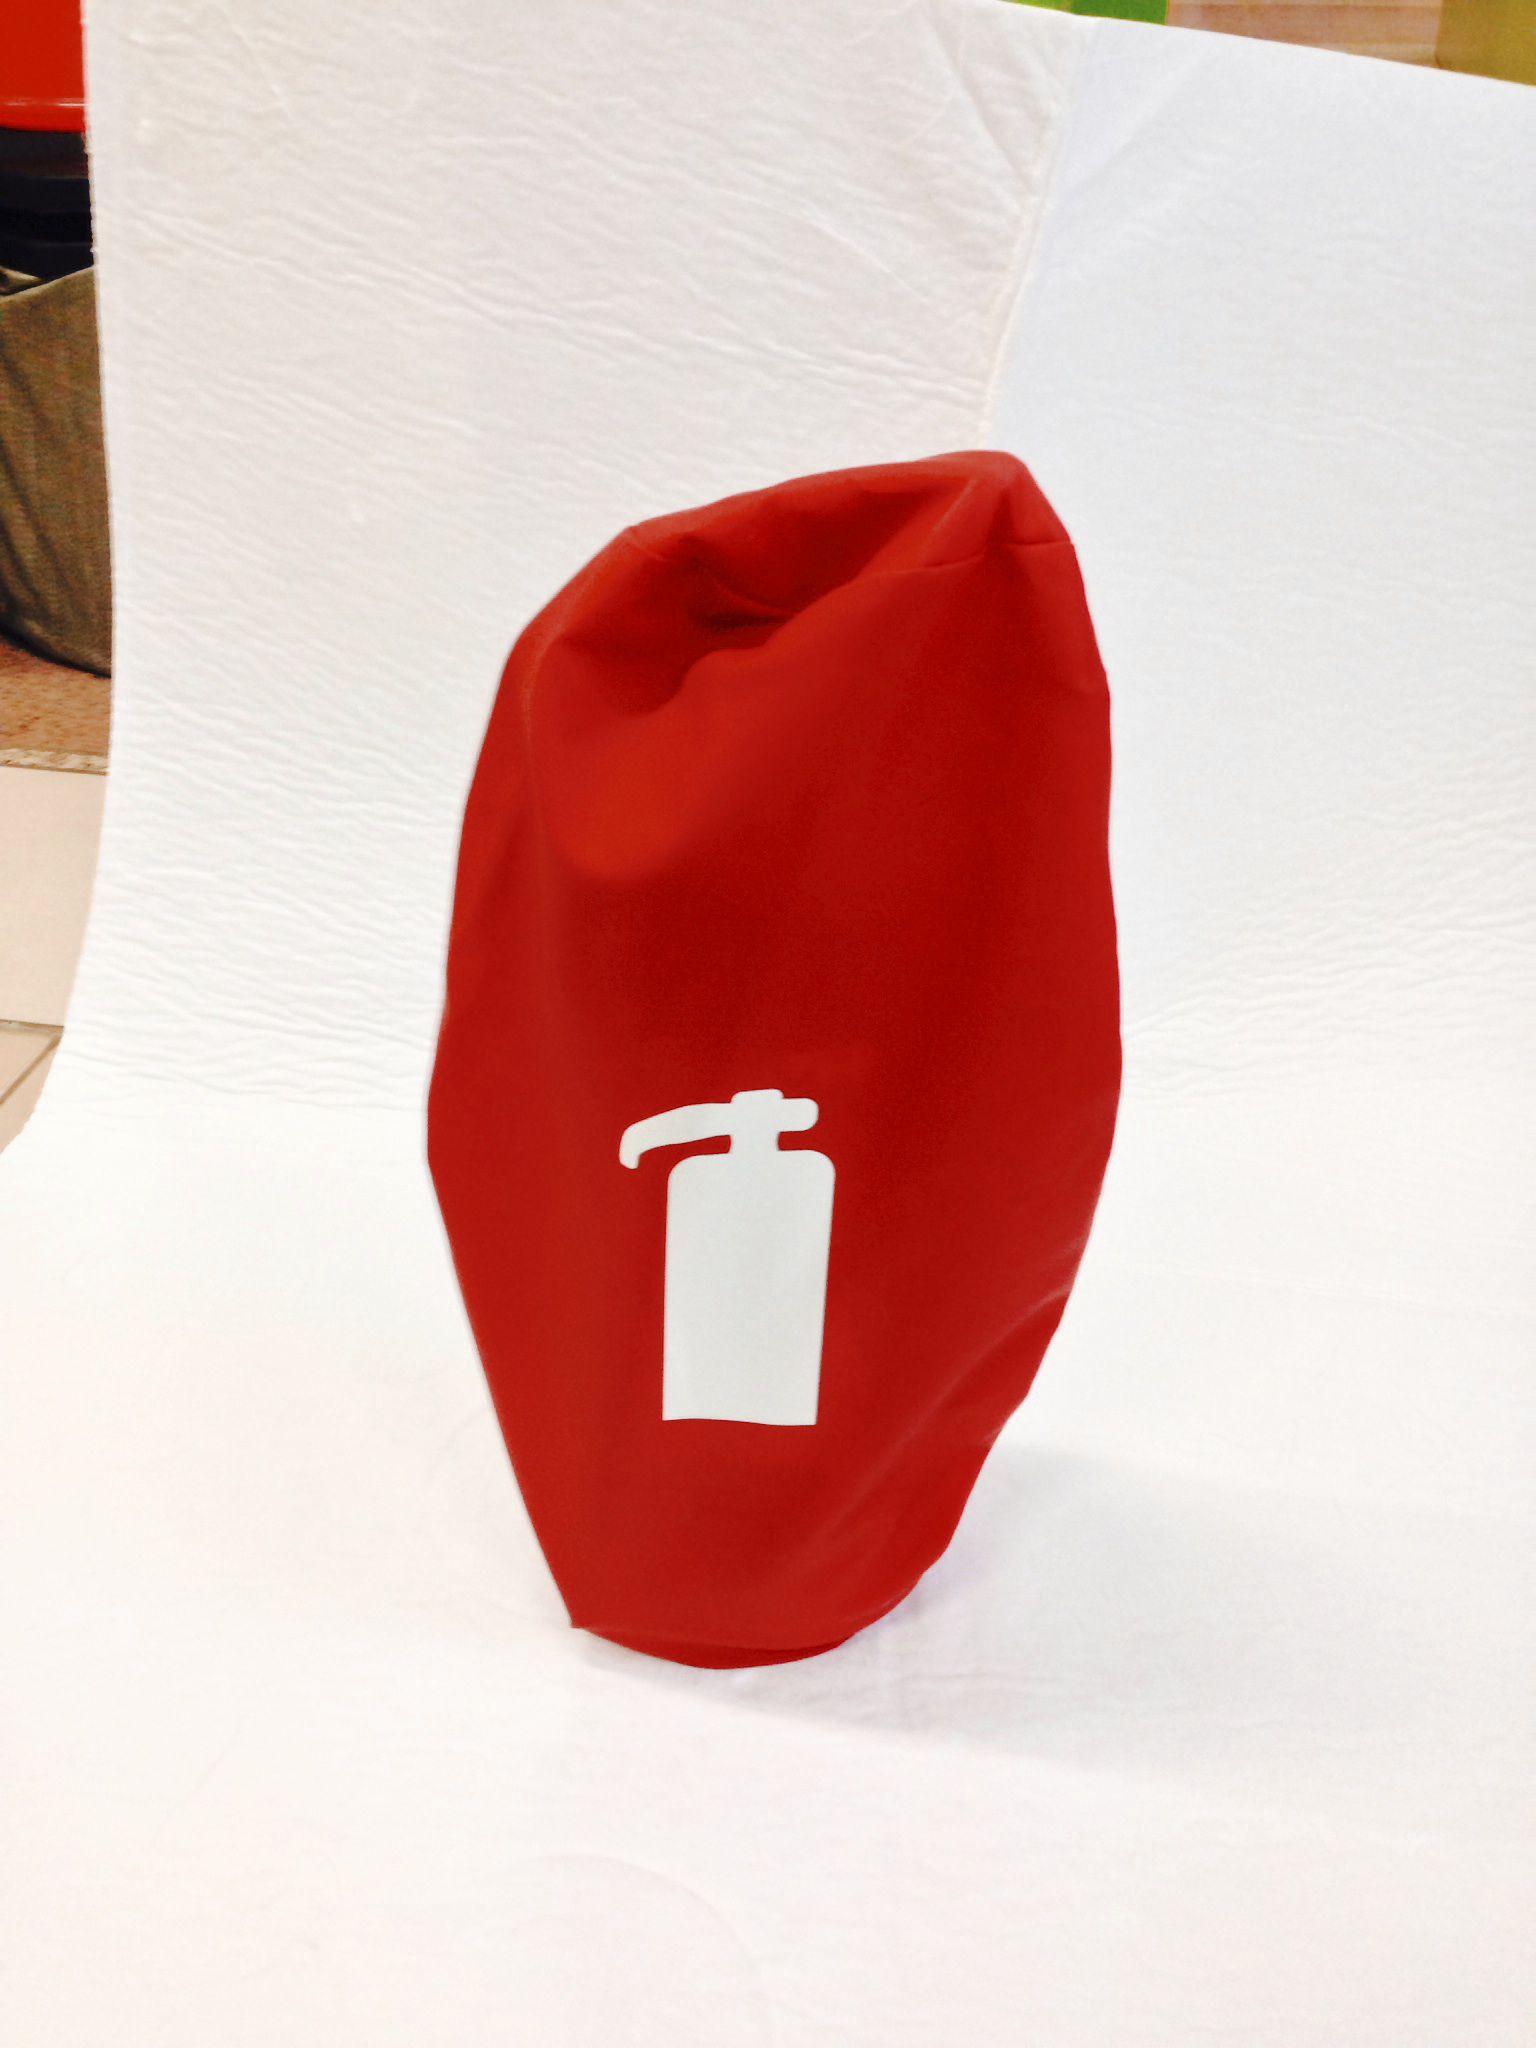 sarkans pārklājs ugunsdzēsības aparātam 1